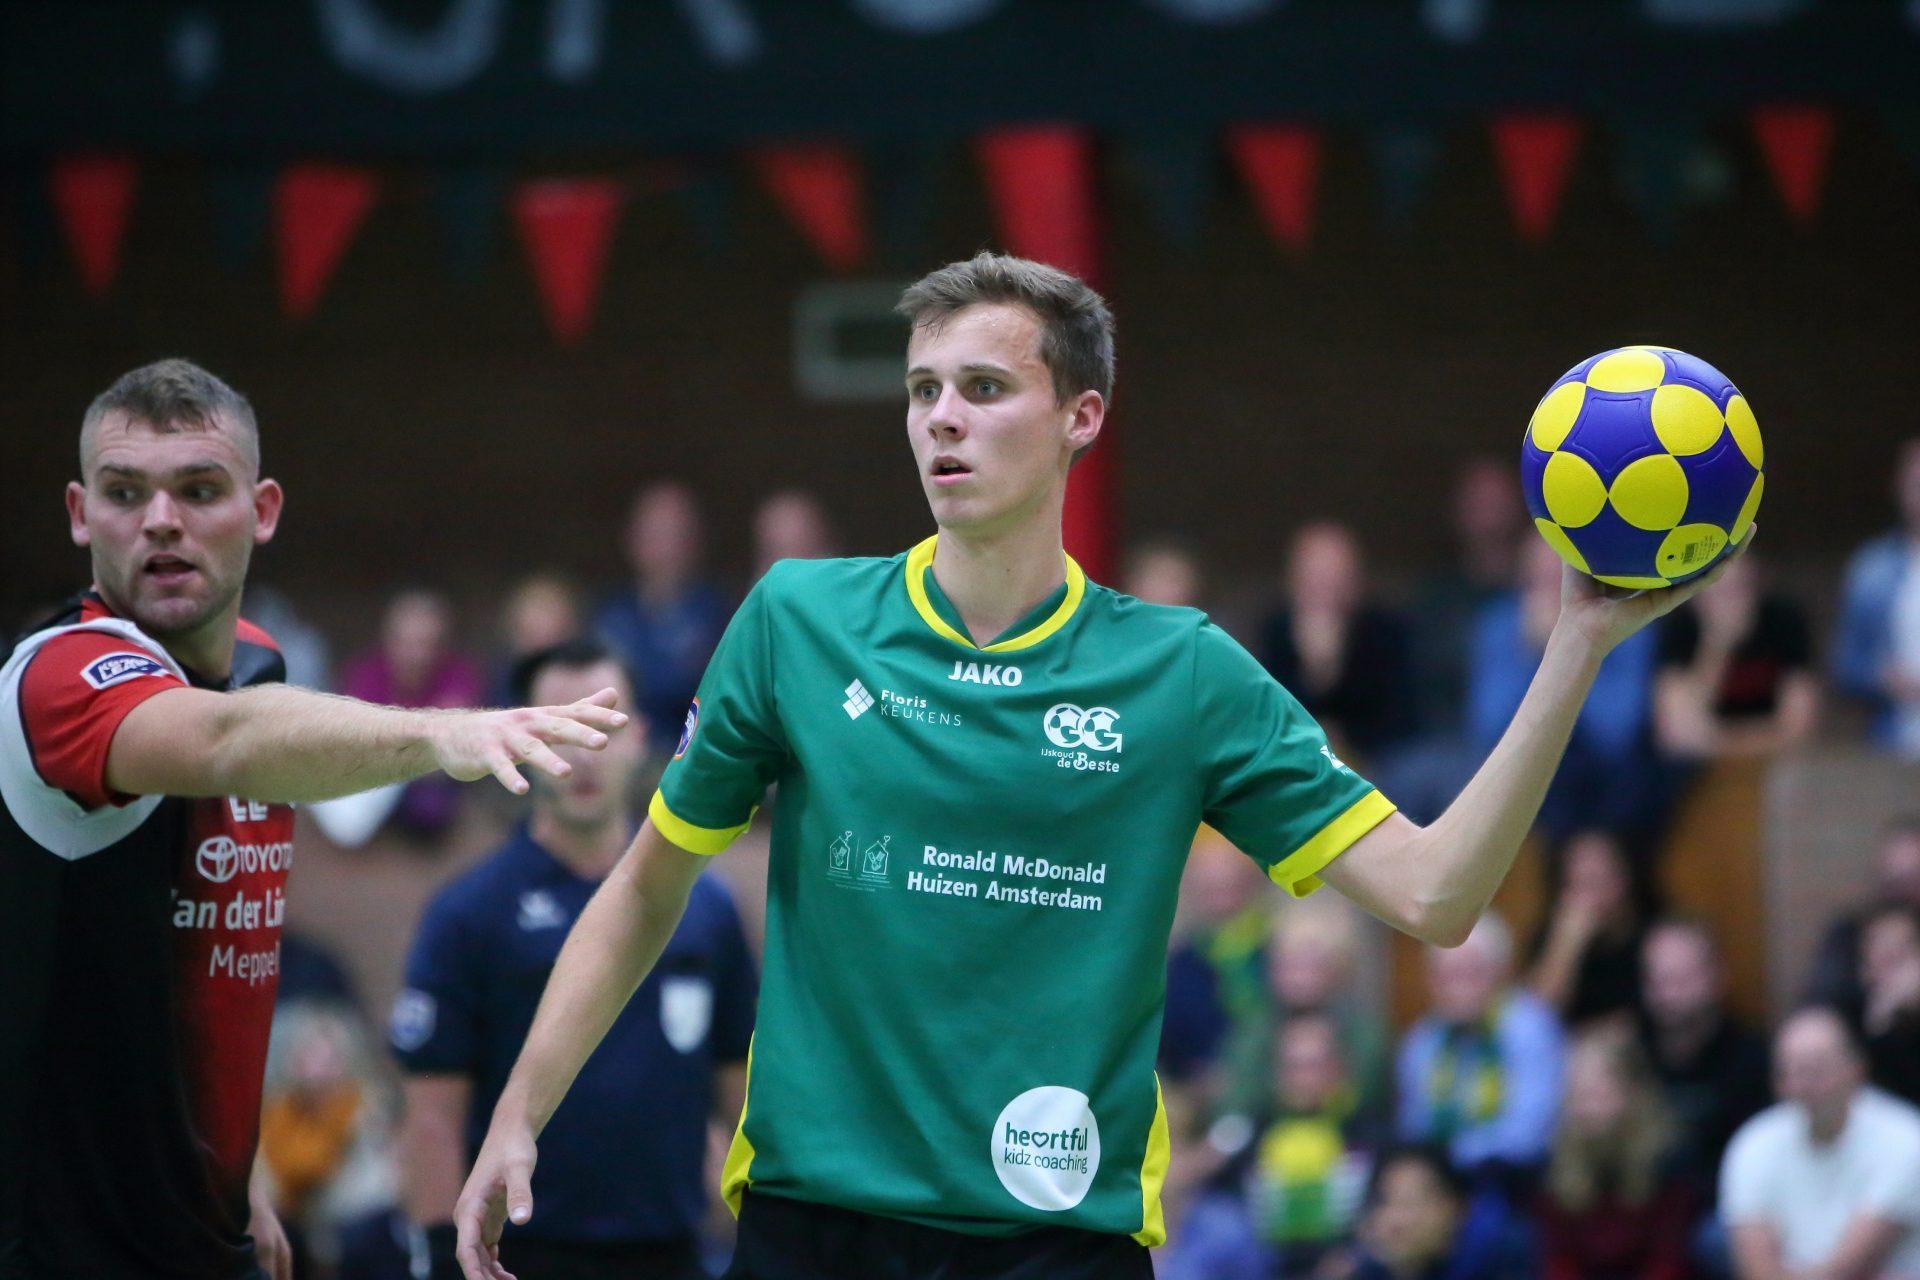 Niebeek haalt Griemink en Van Roekel tijdelijk bij TeamNL Korfbal